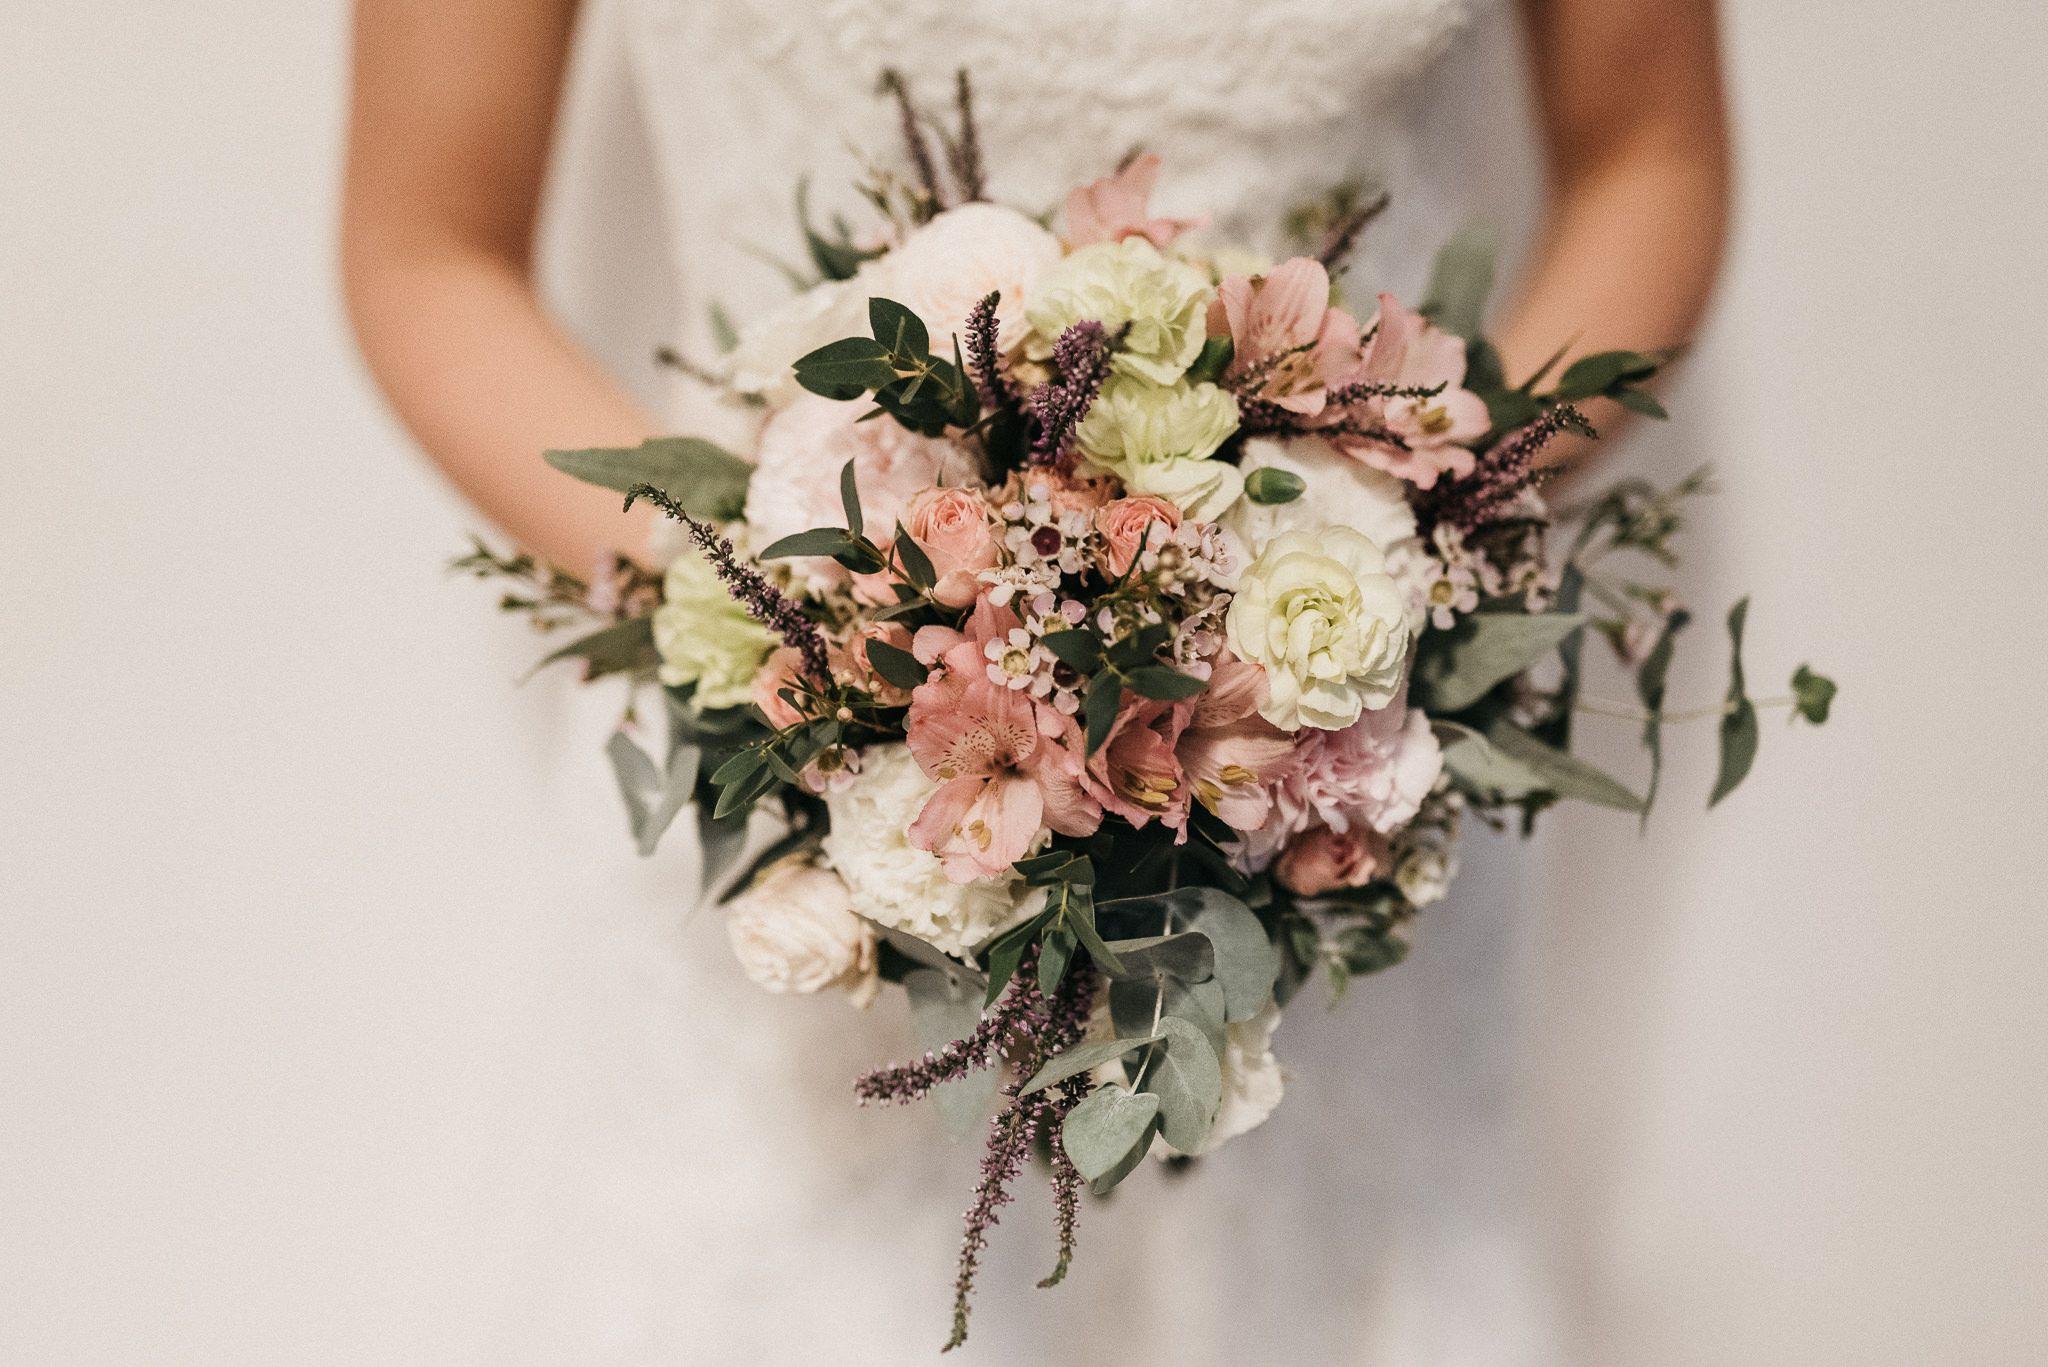 Inna Studio Bridal Bouquet Bukiet Slubny Pastelowy Bukiet Slubny Bukiet Z Wrzosami Fot Happy Stories Bridal Bouquet Wedding Floral Wreath